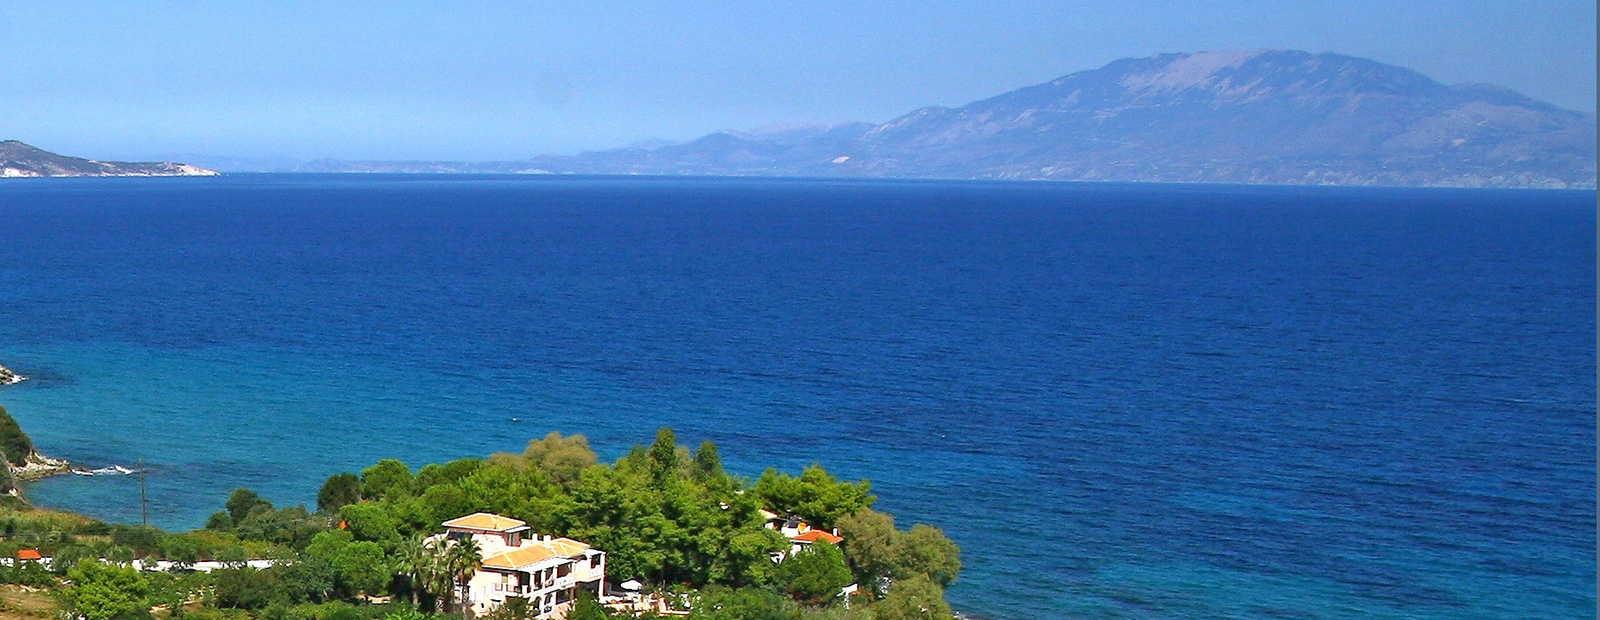 Luxuriöse Ferienhäuser auf Zakynthos